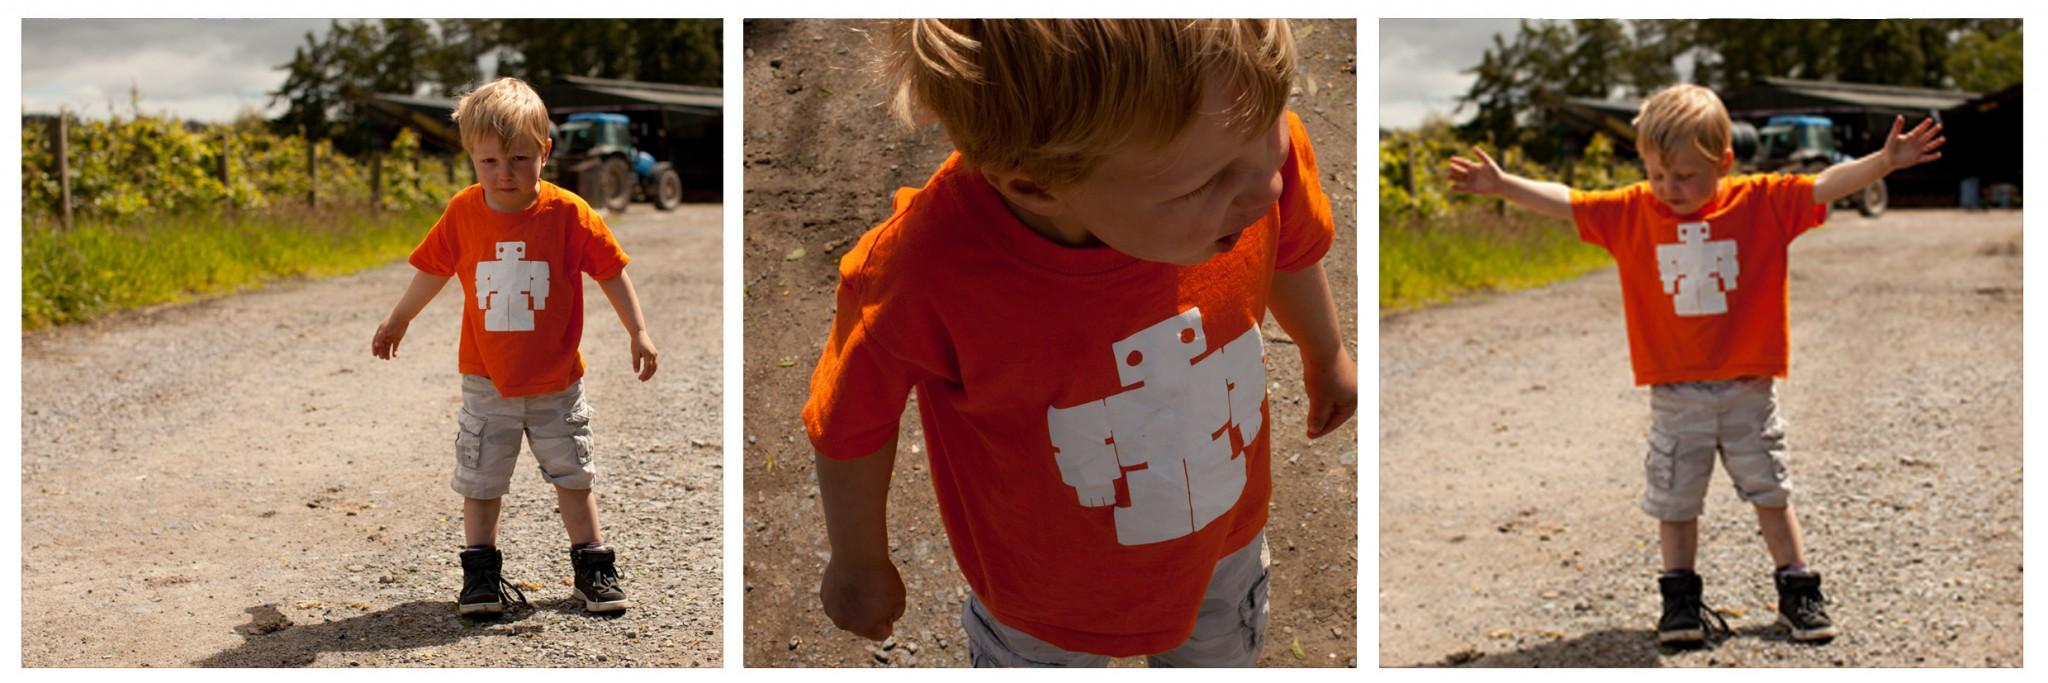 kids orange bot t-shirt